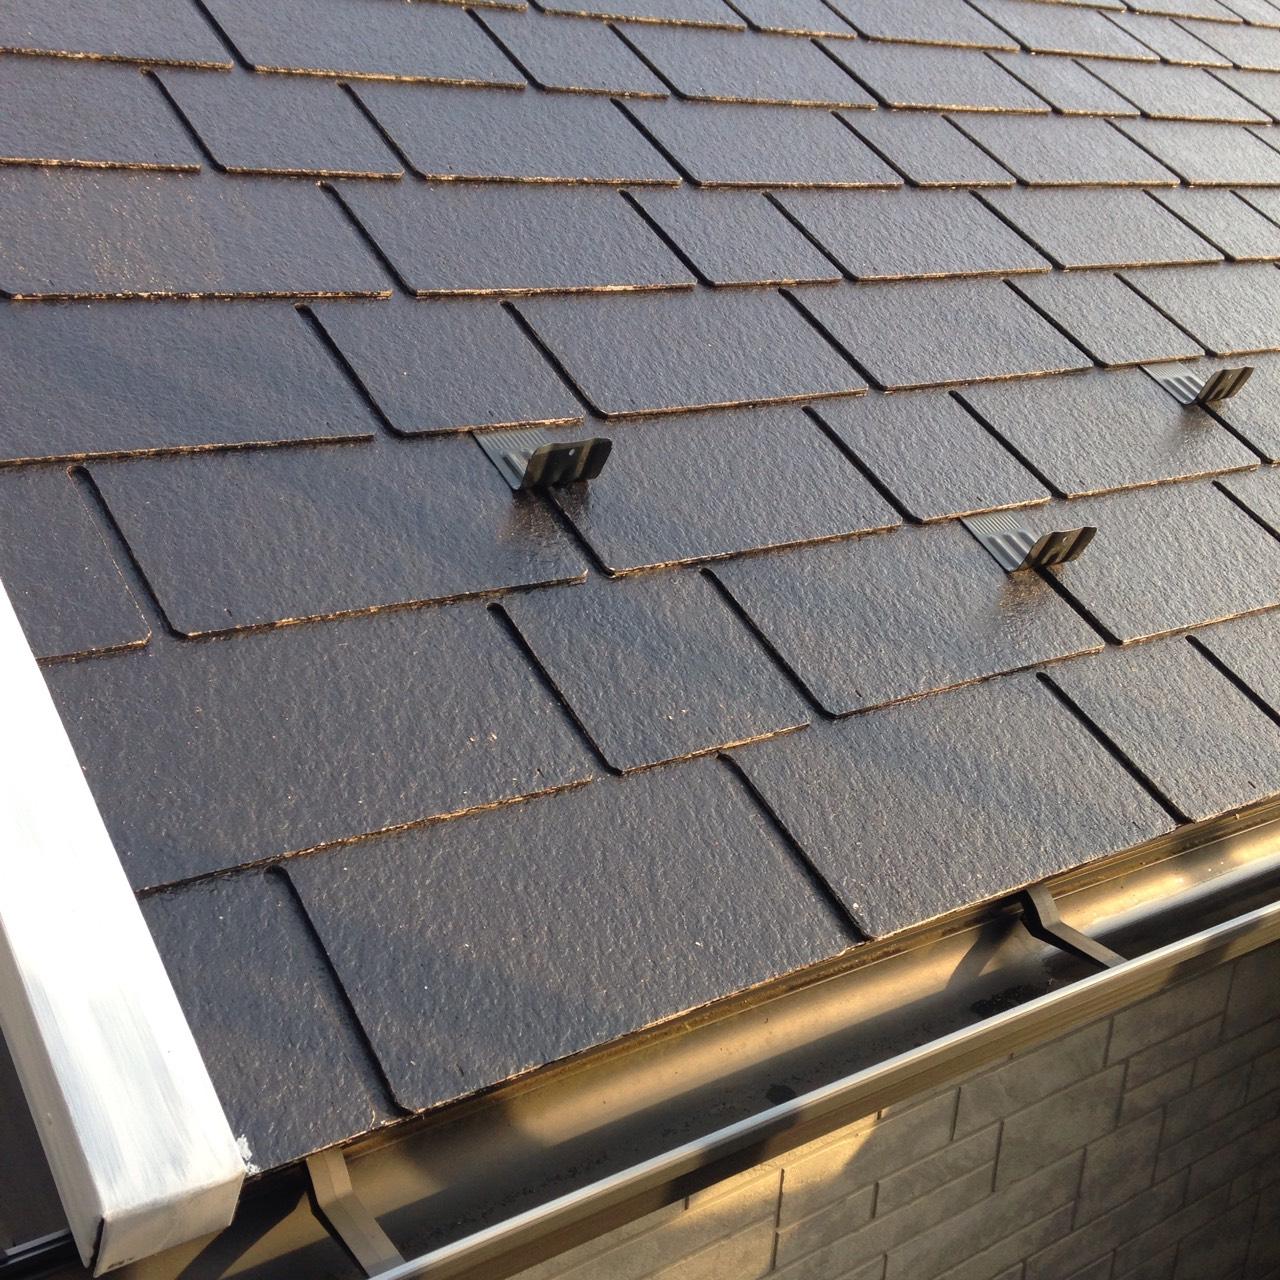 岡山県倉敷市 屋根・板金塗装工事 屋根塗装完成の画像